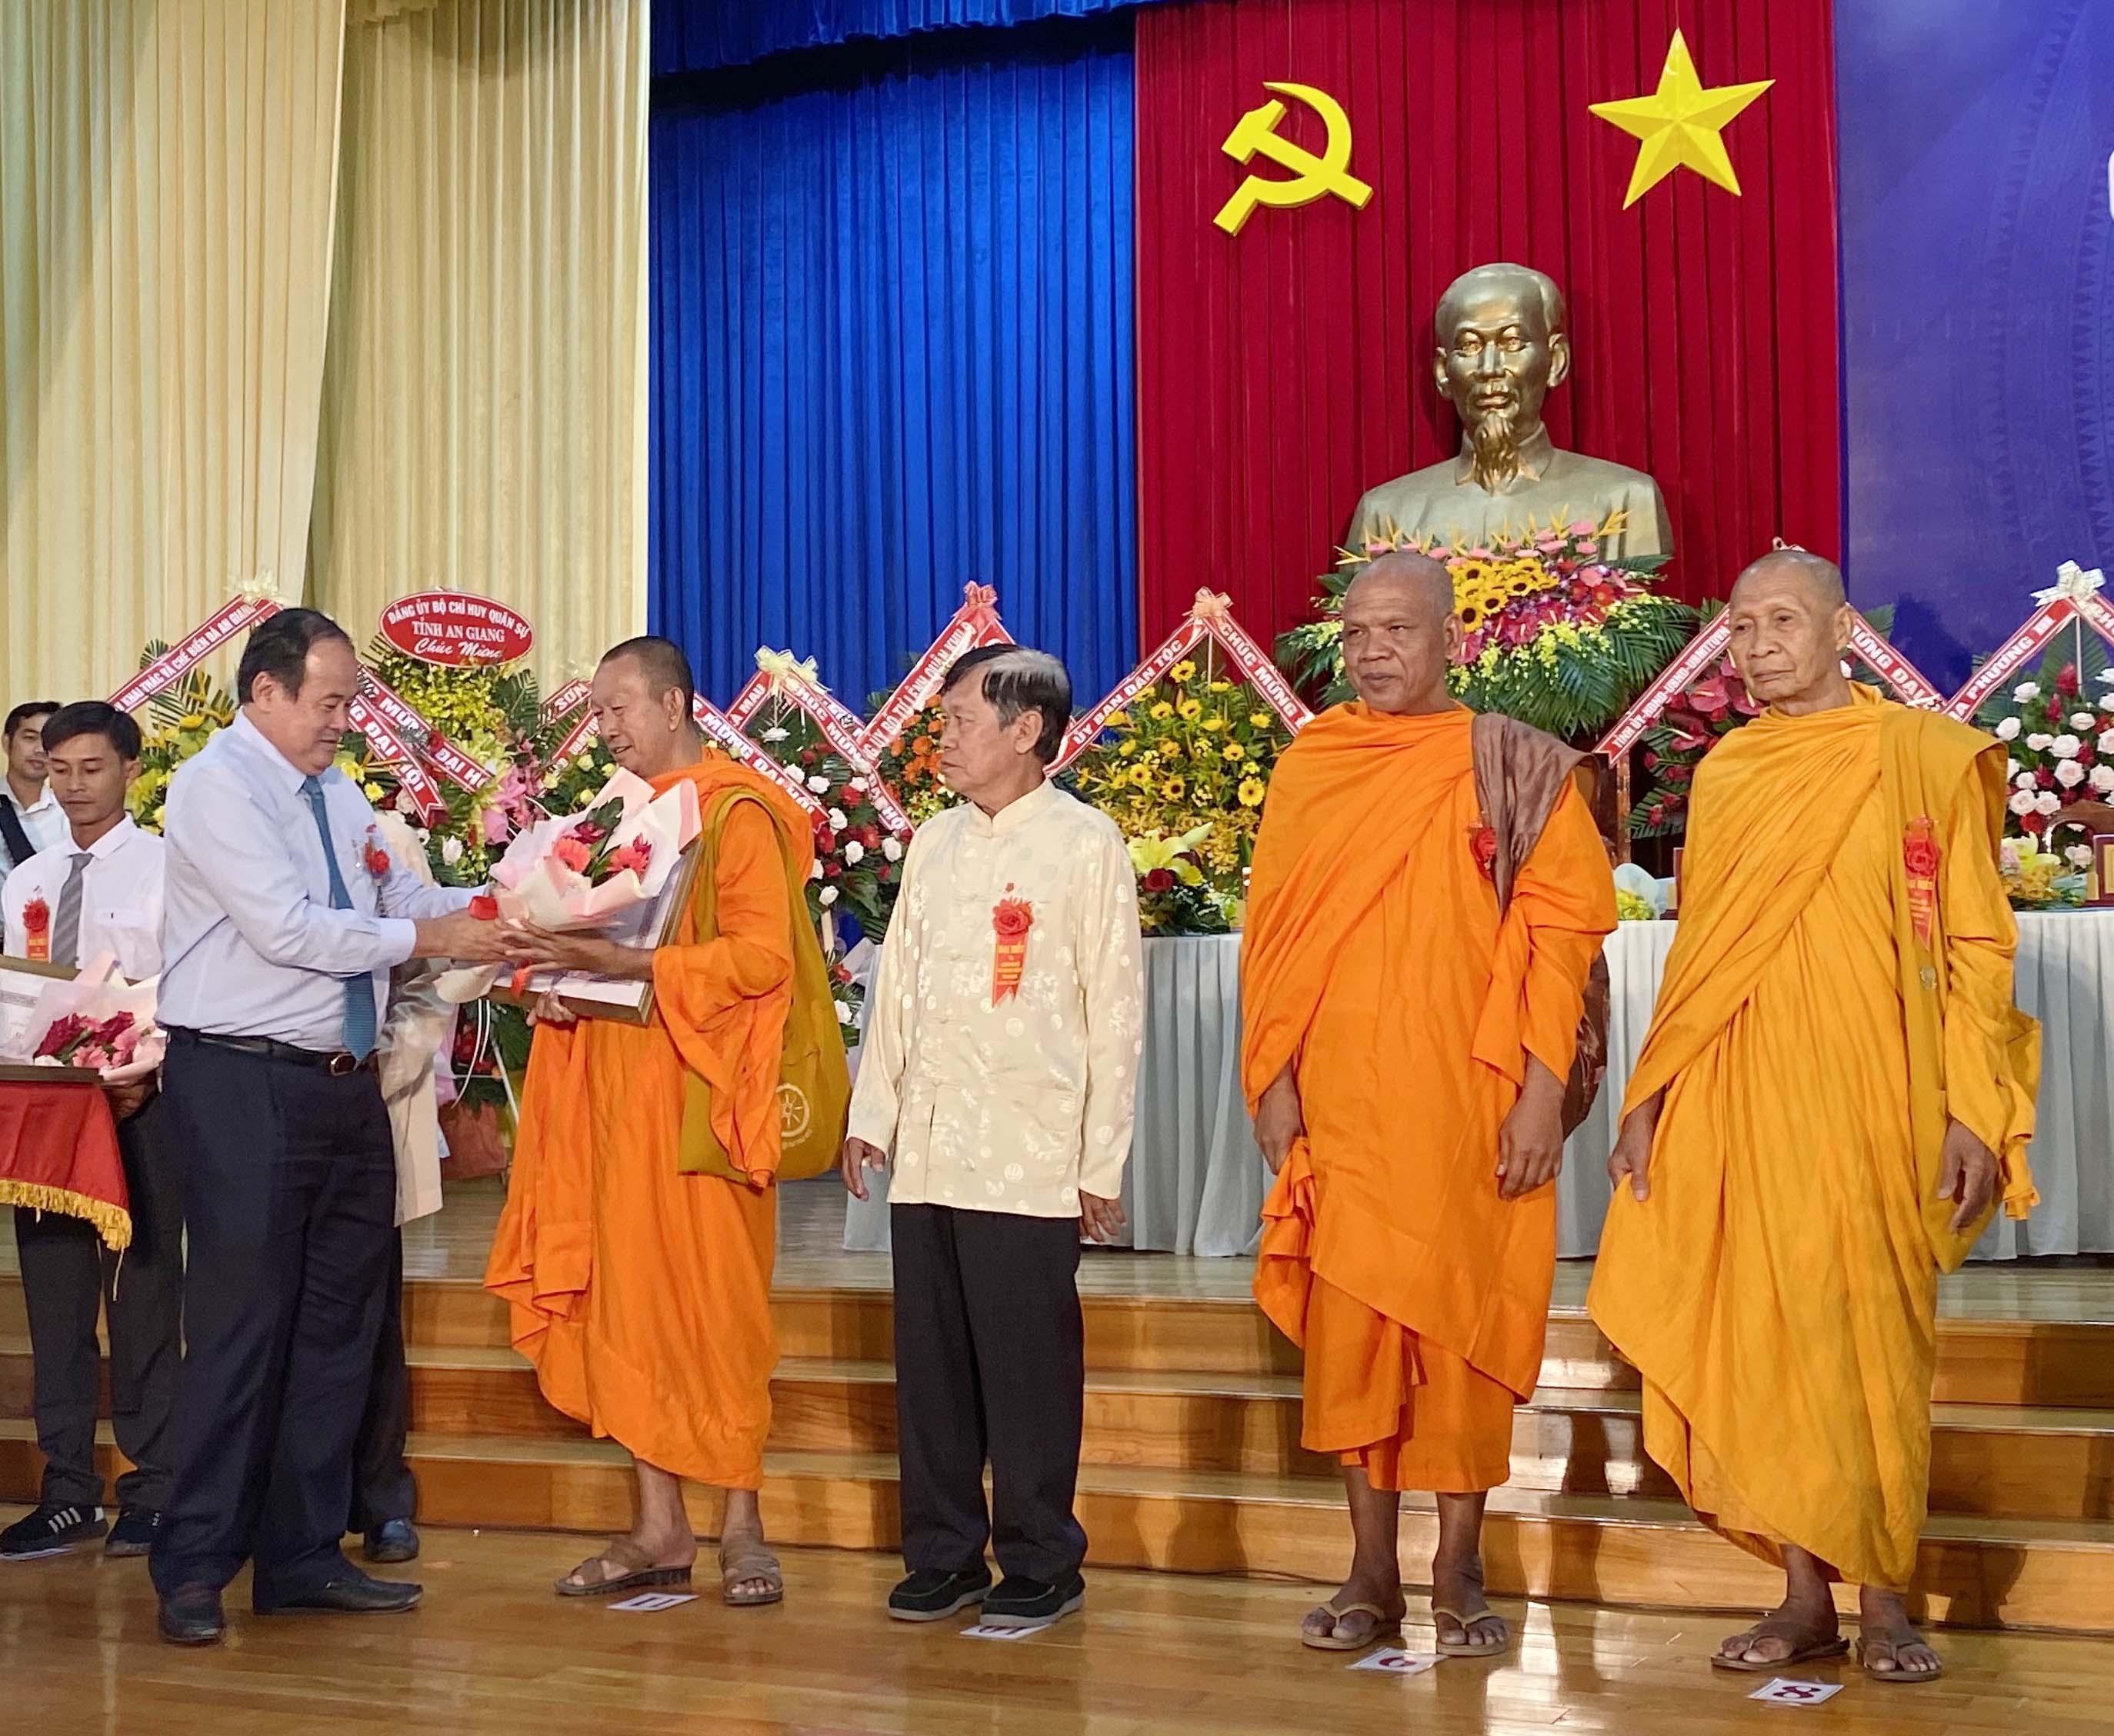 Ông Nguyễn Thanh Bình, Chủ tịch UBND tỉnh trao Bằng khen của UBND tỉnh cho các cá nhân có thành tích trong xây dựng khối đại đoàn kết dân tộc ở cơ sở và nông thôn giai đoạn 2014-2019.